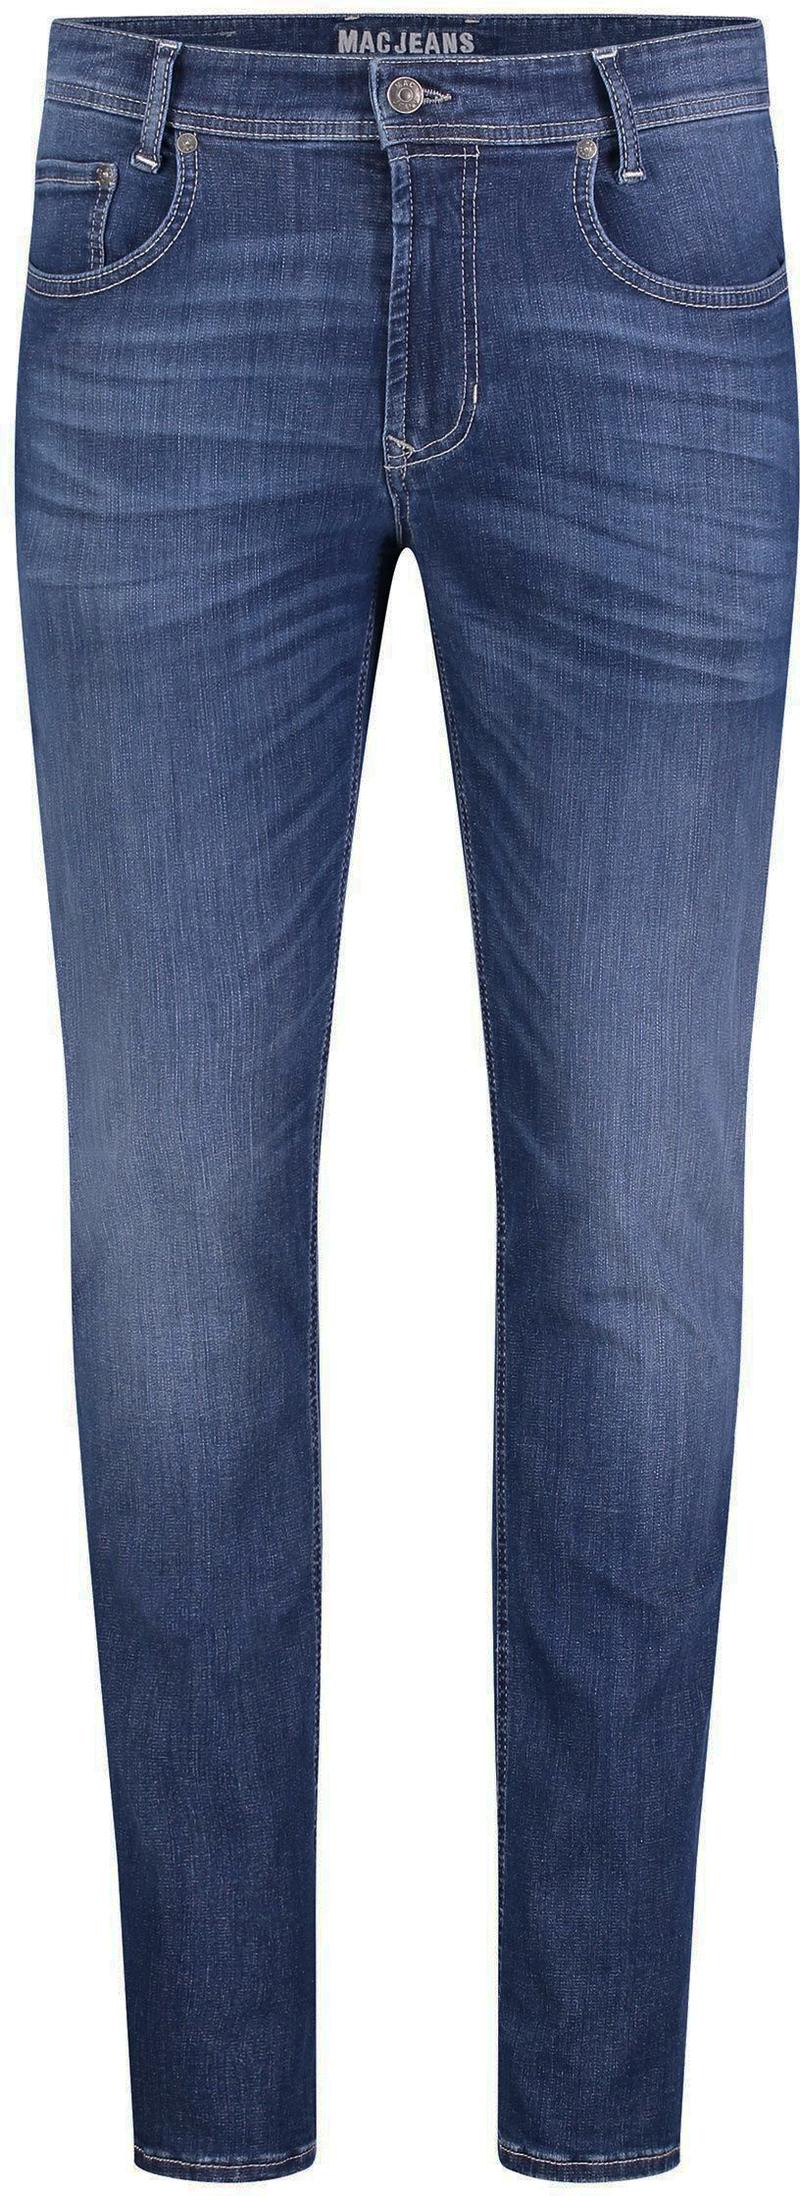 Mac Jeans Arne Pipe Flexx Superstretch H559 Foto 0